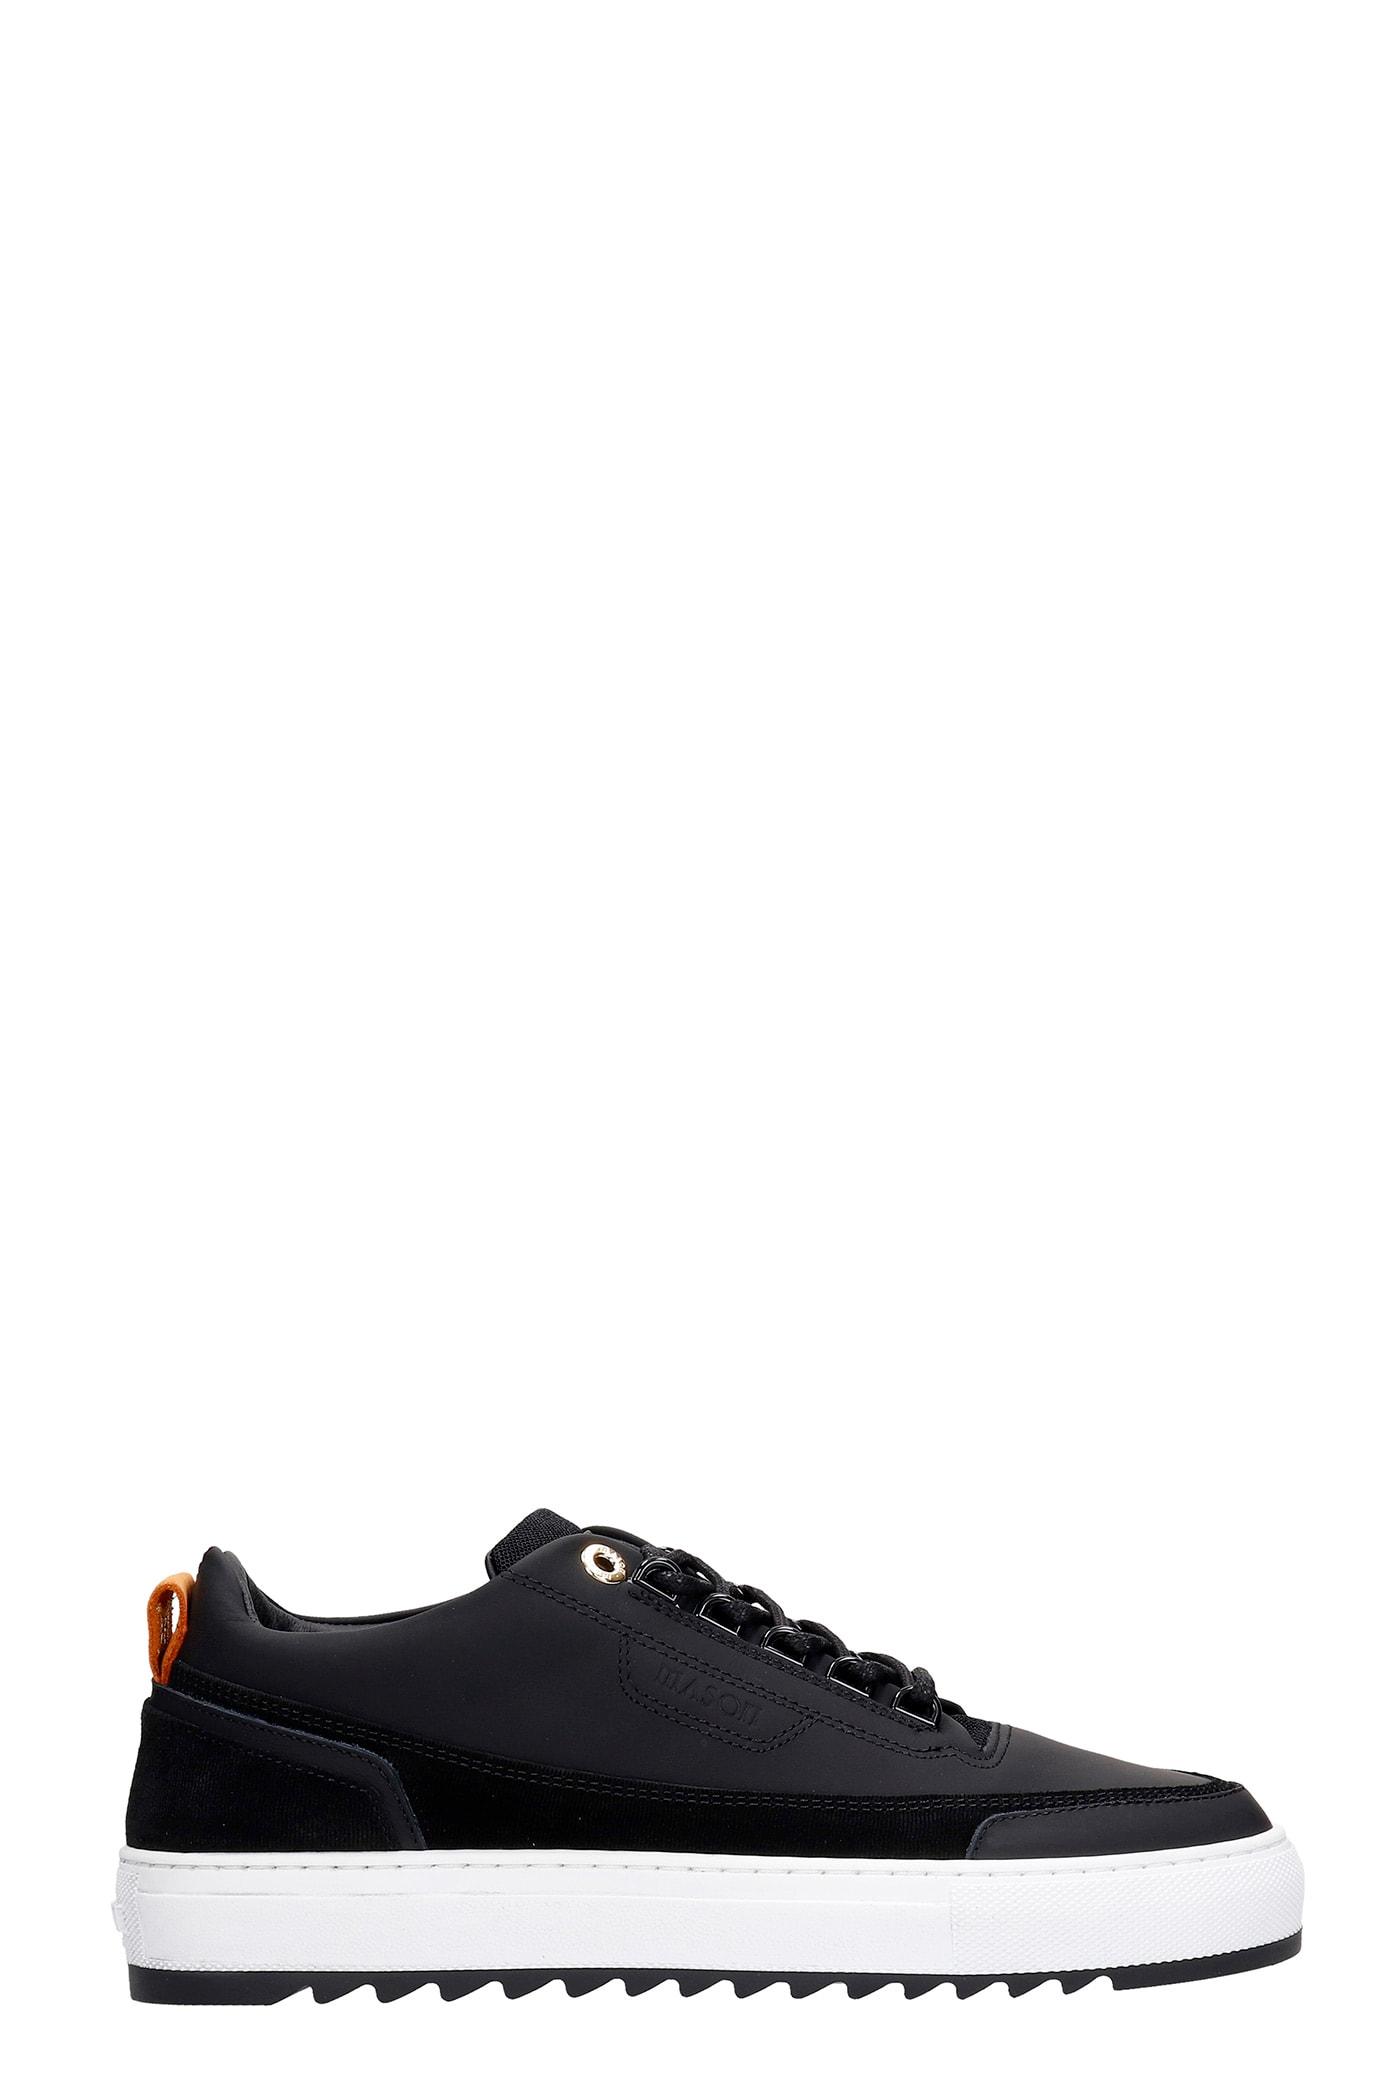 Firenze Sneakers In Black Rubber/plasic